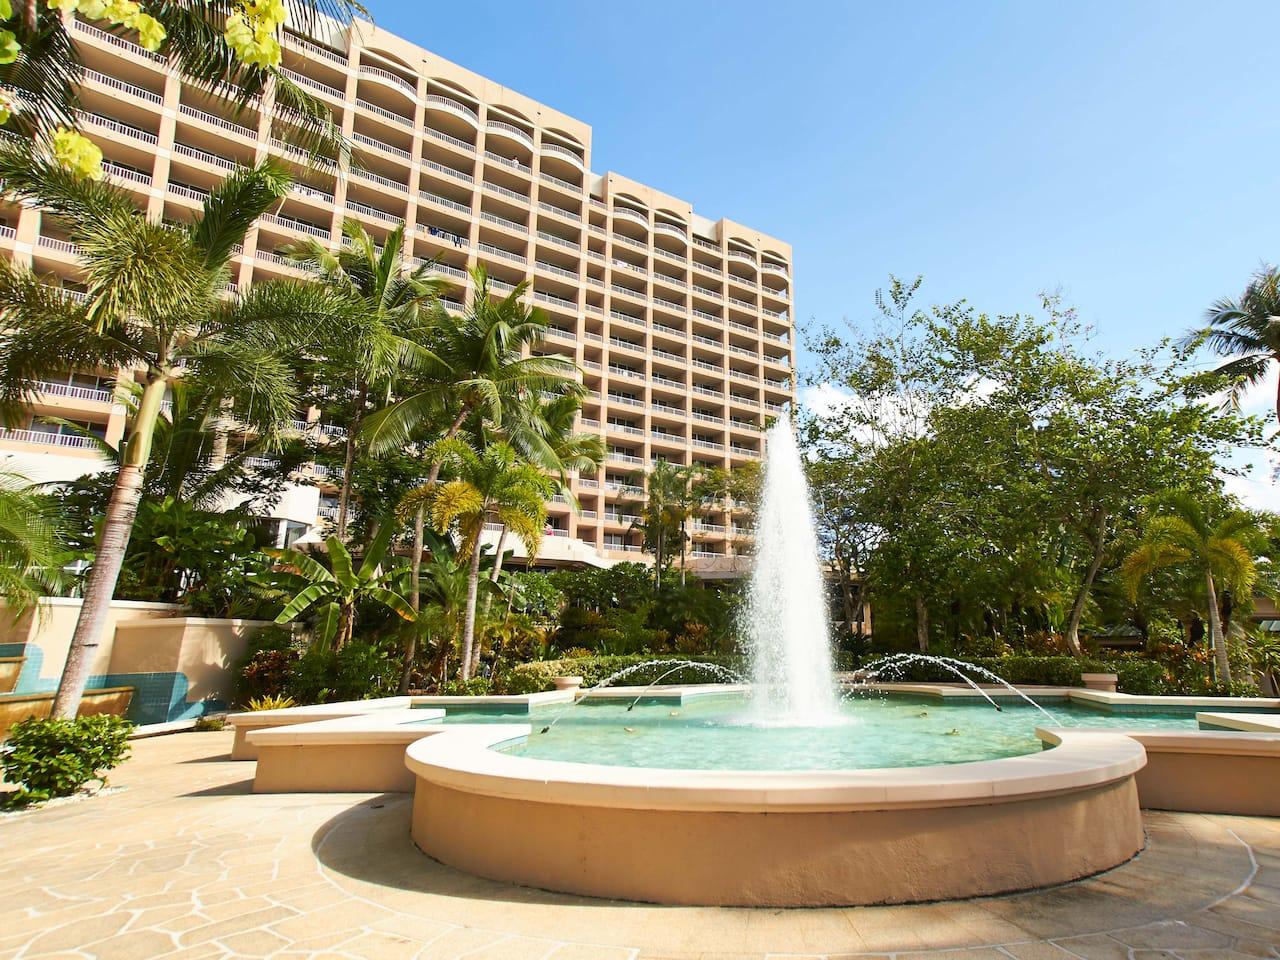 Fountain outside Hyatt Regency Guam